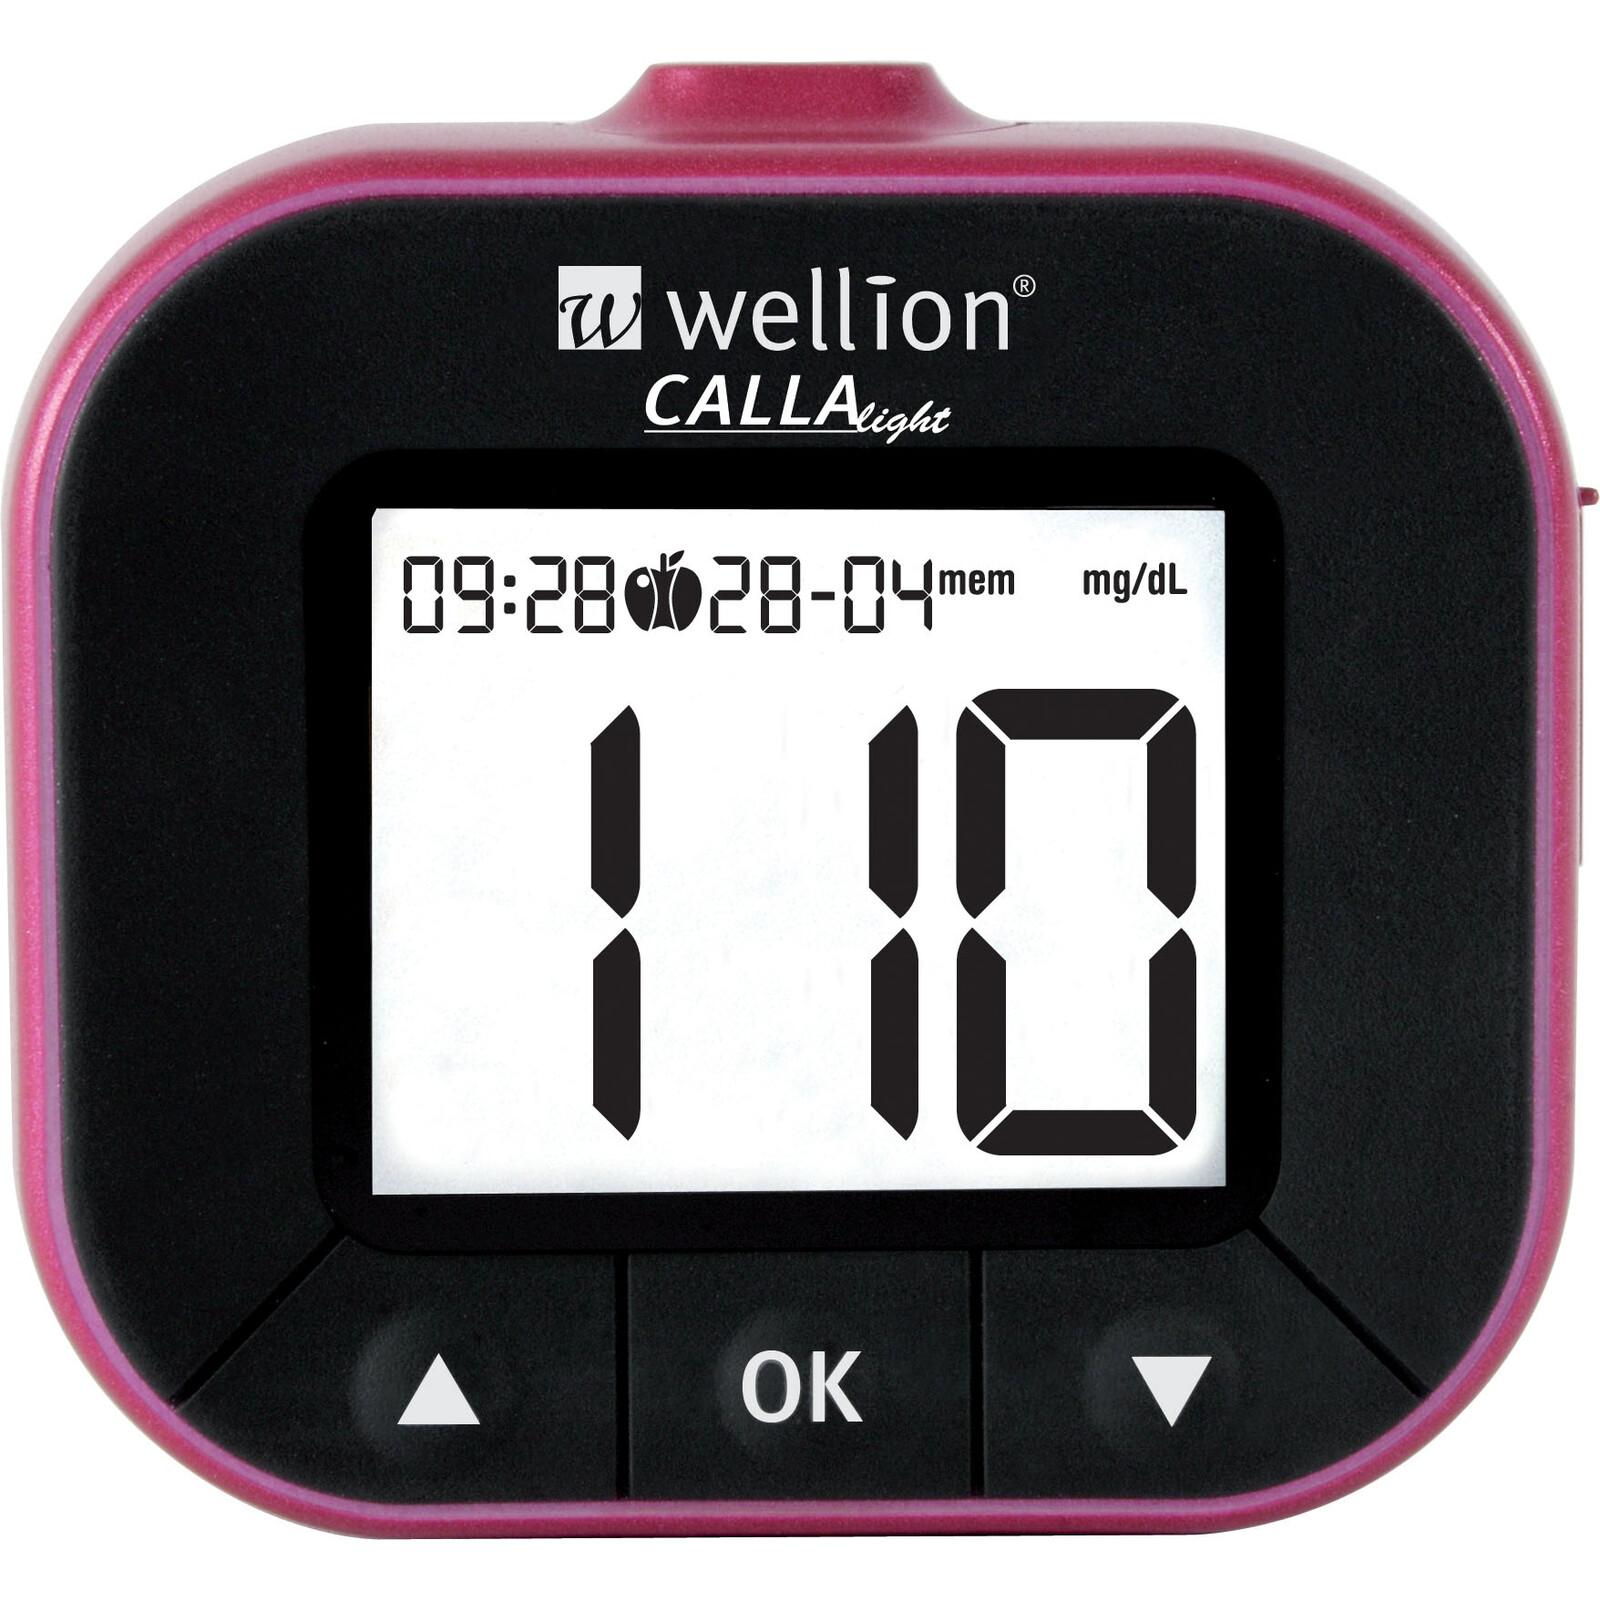 Wellion CALLA Light Set 50 TS blackberry Blutzuckermessgerät